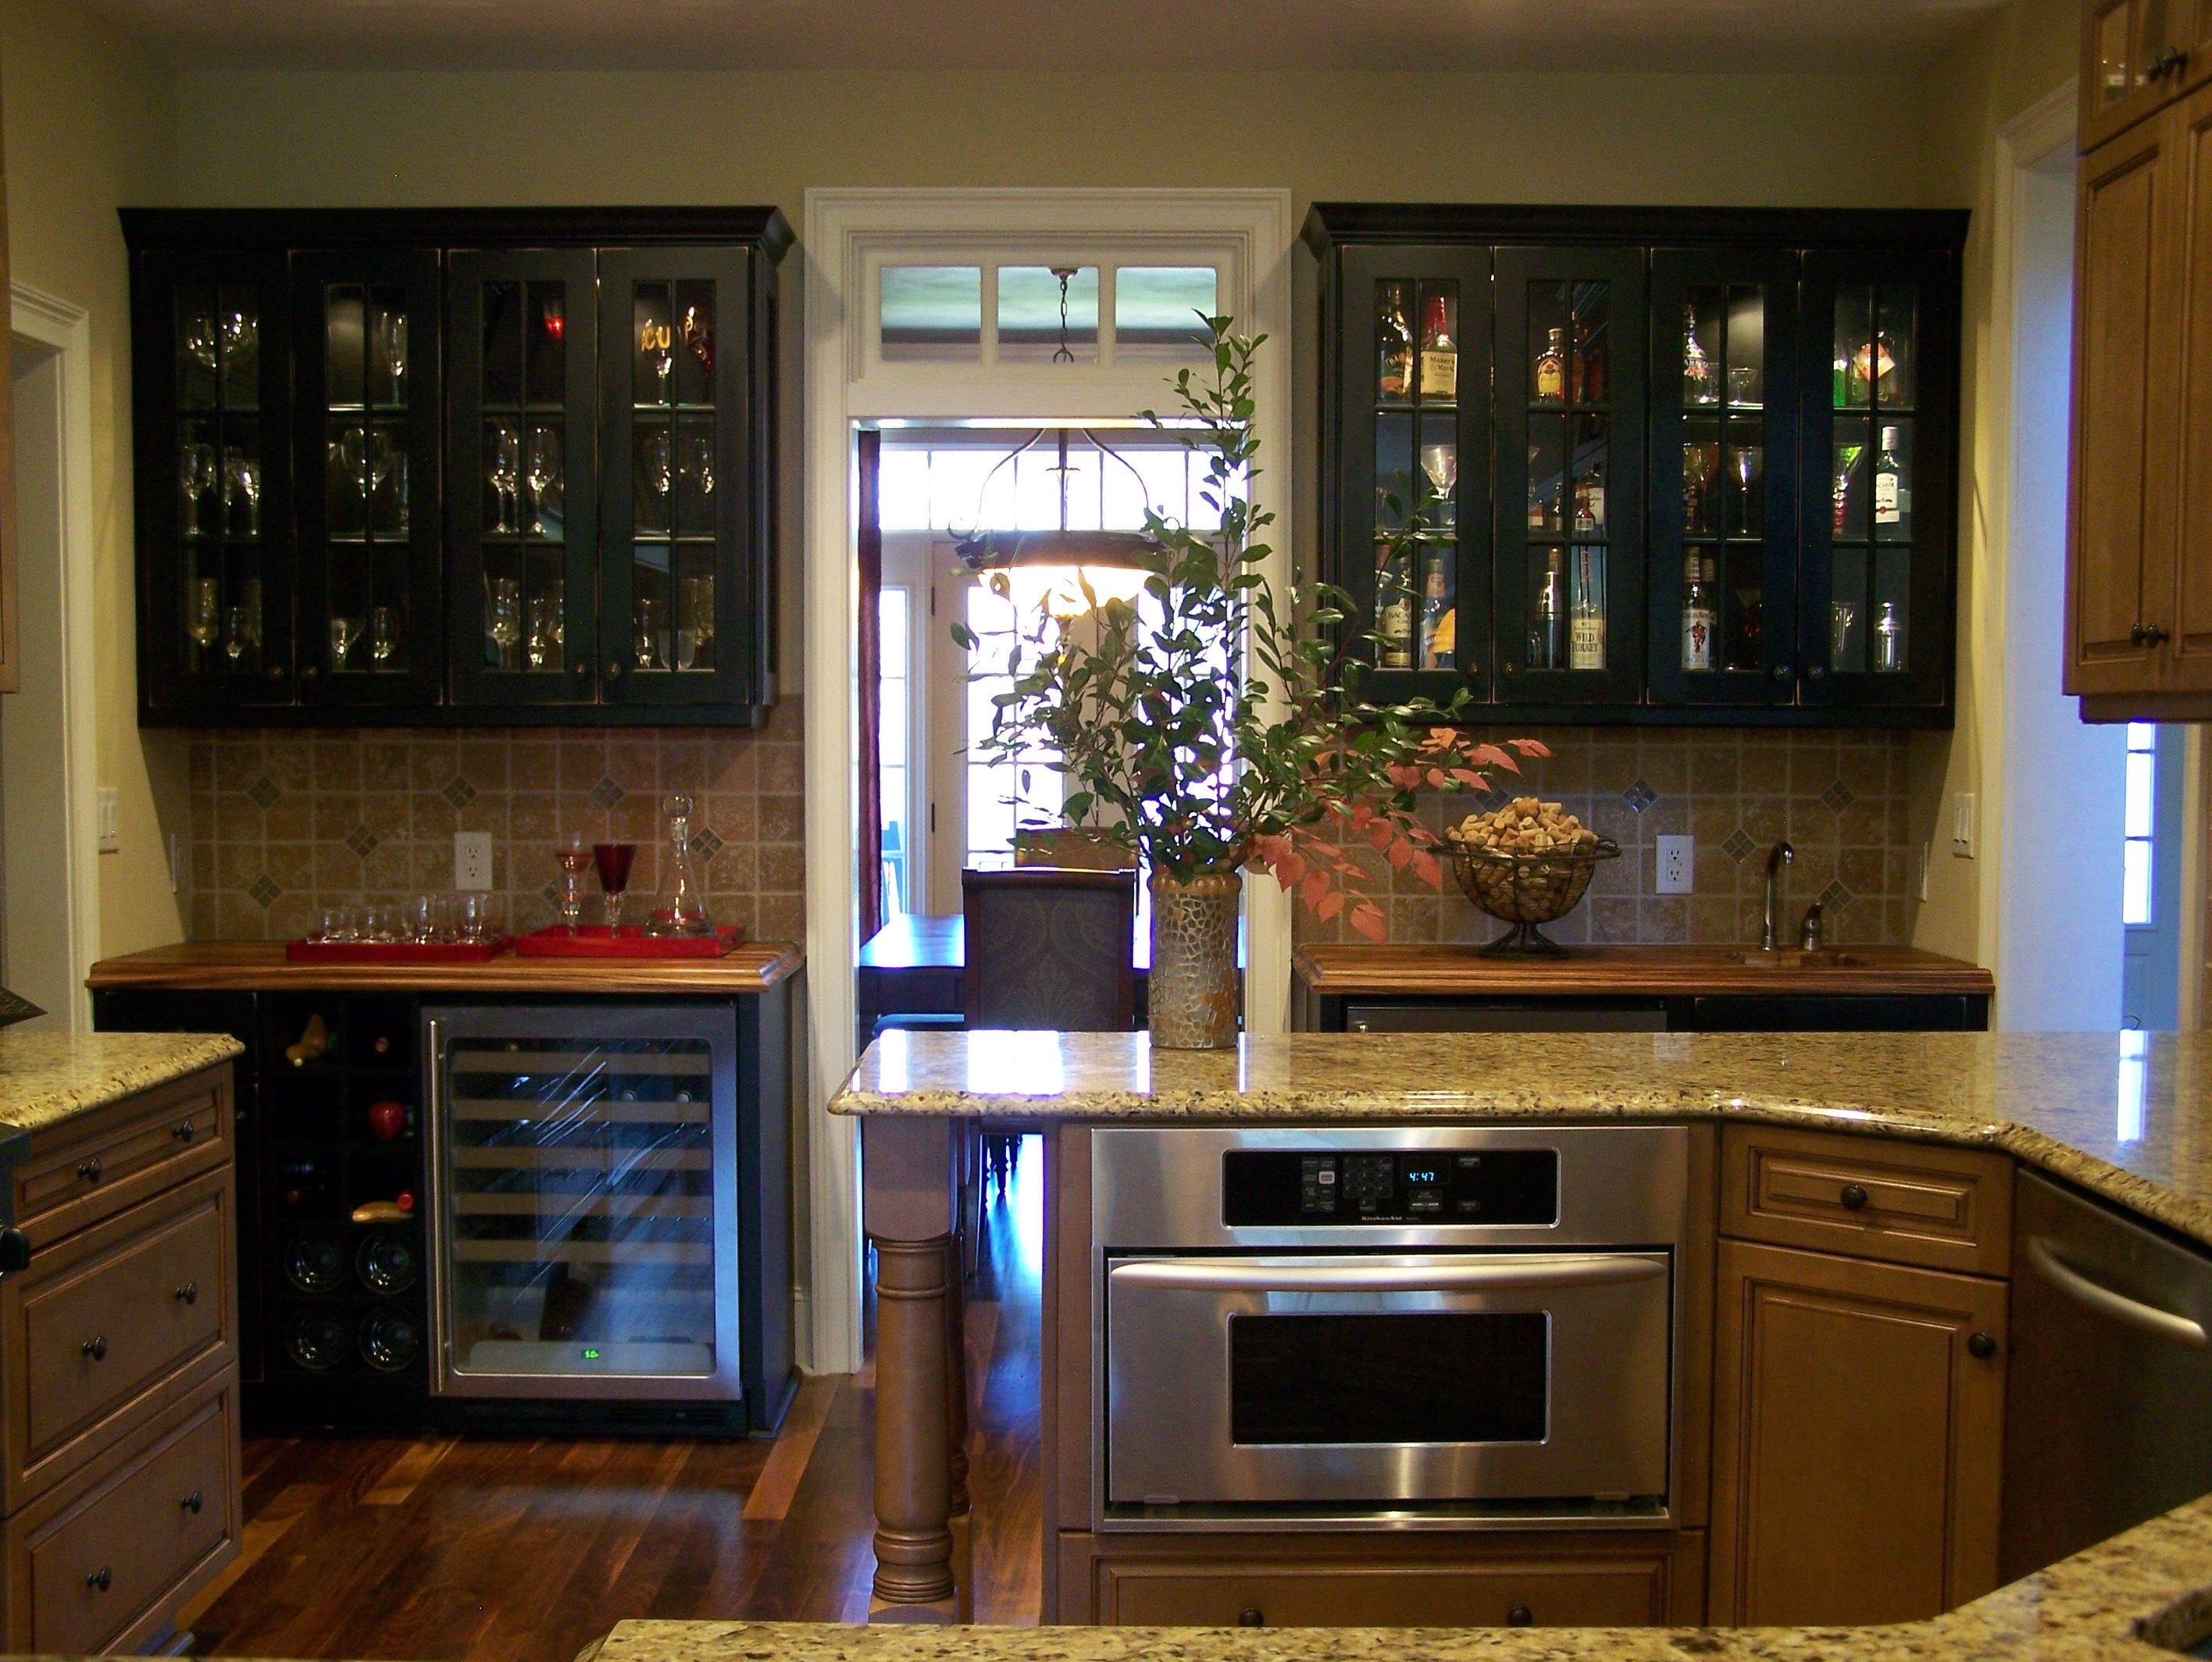 Wine Bar And Wet Bar In Kitchen Randy Aldridge Designs